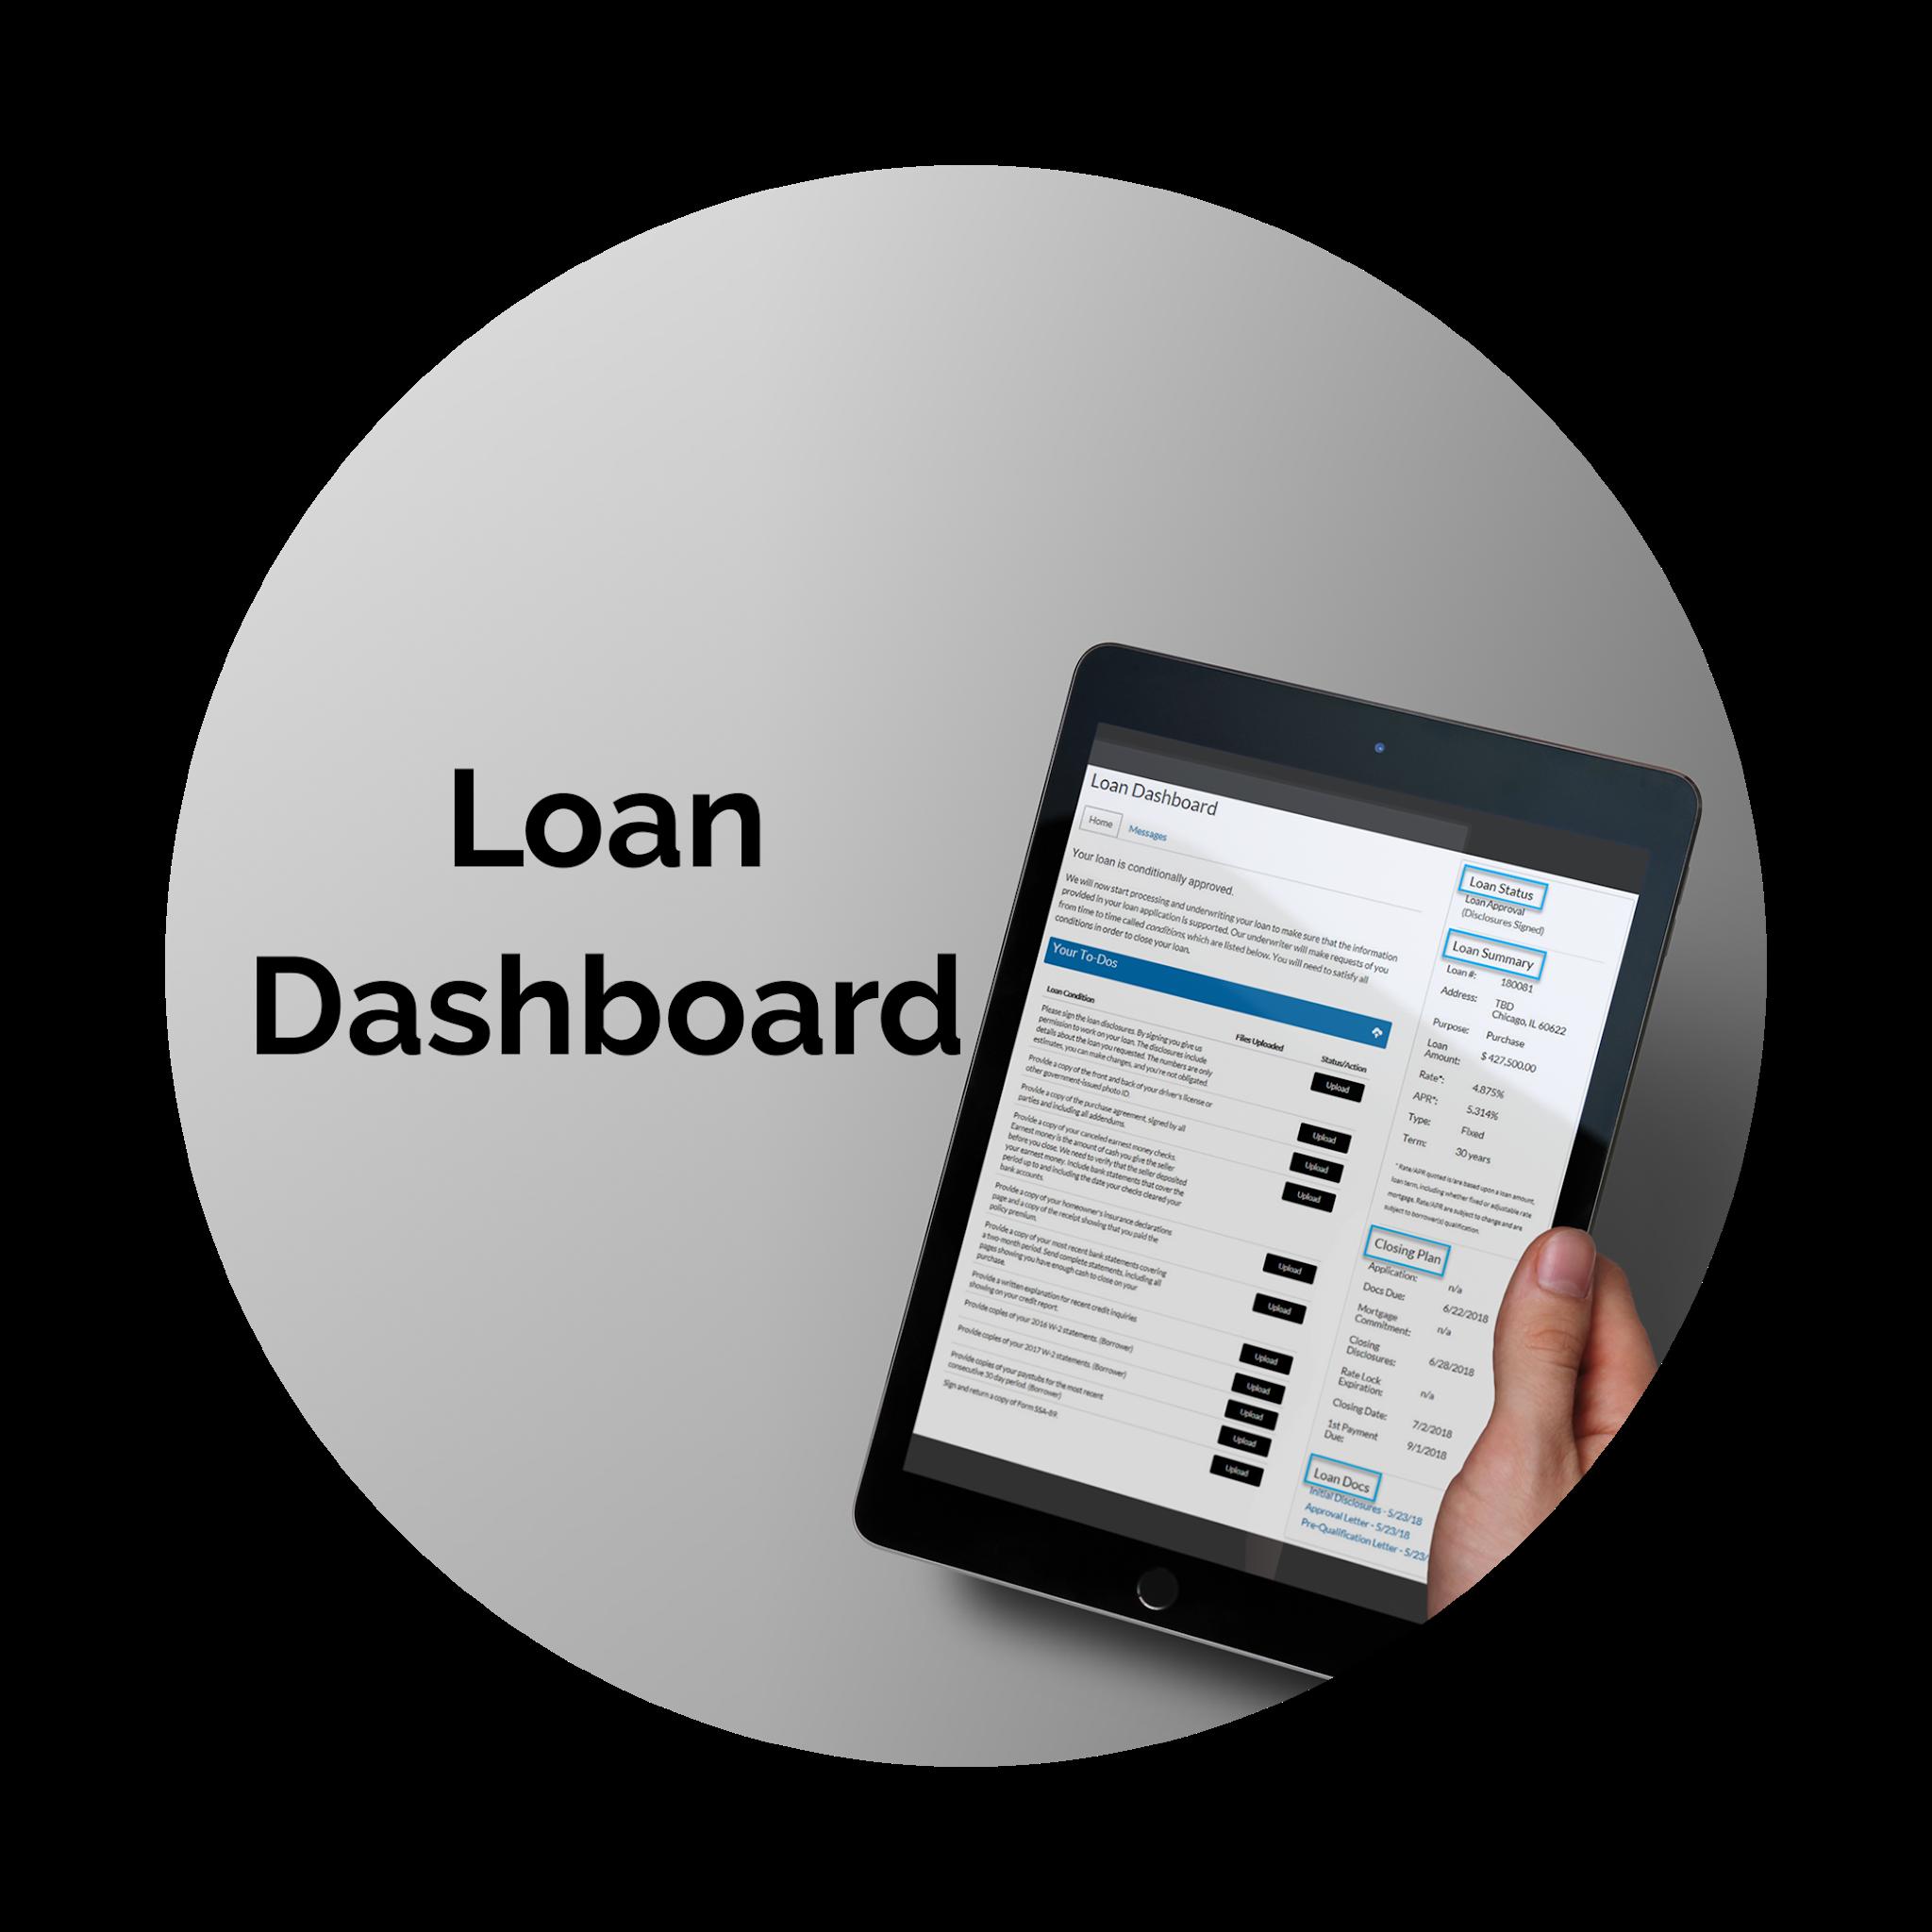 Loan Dashboard